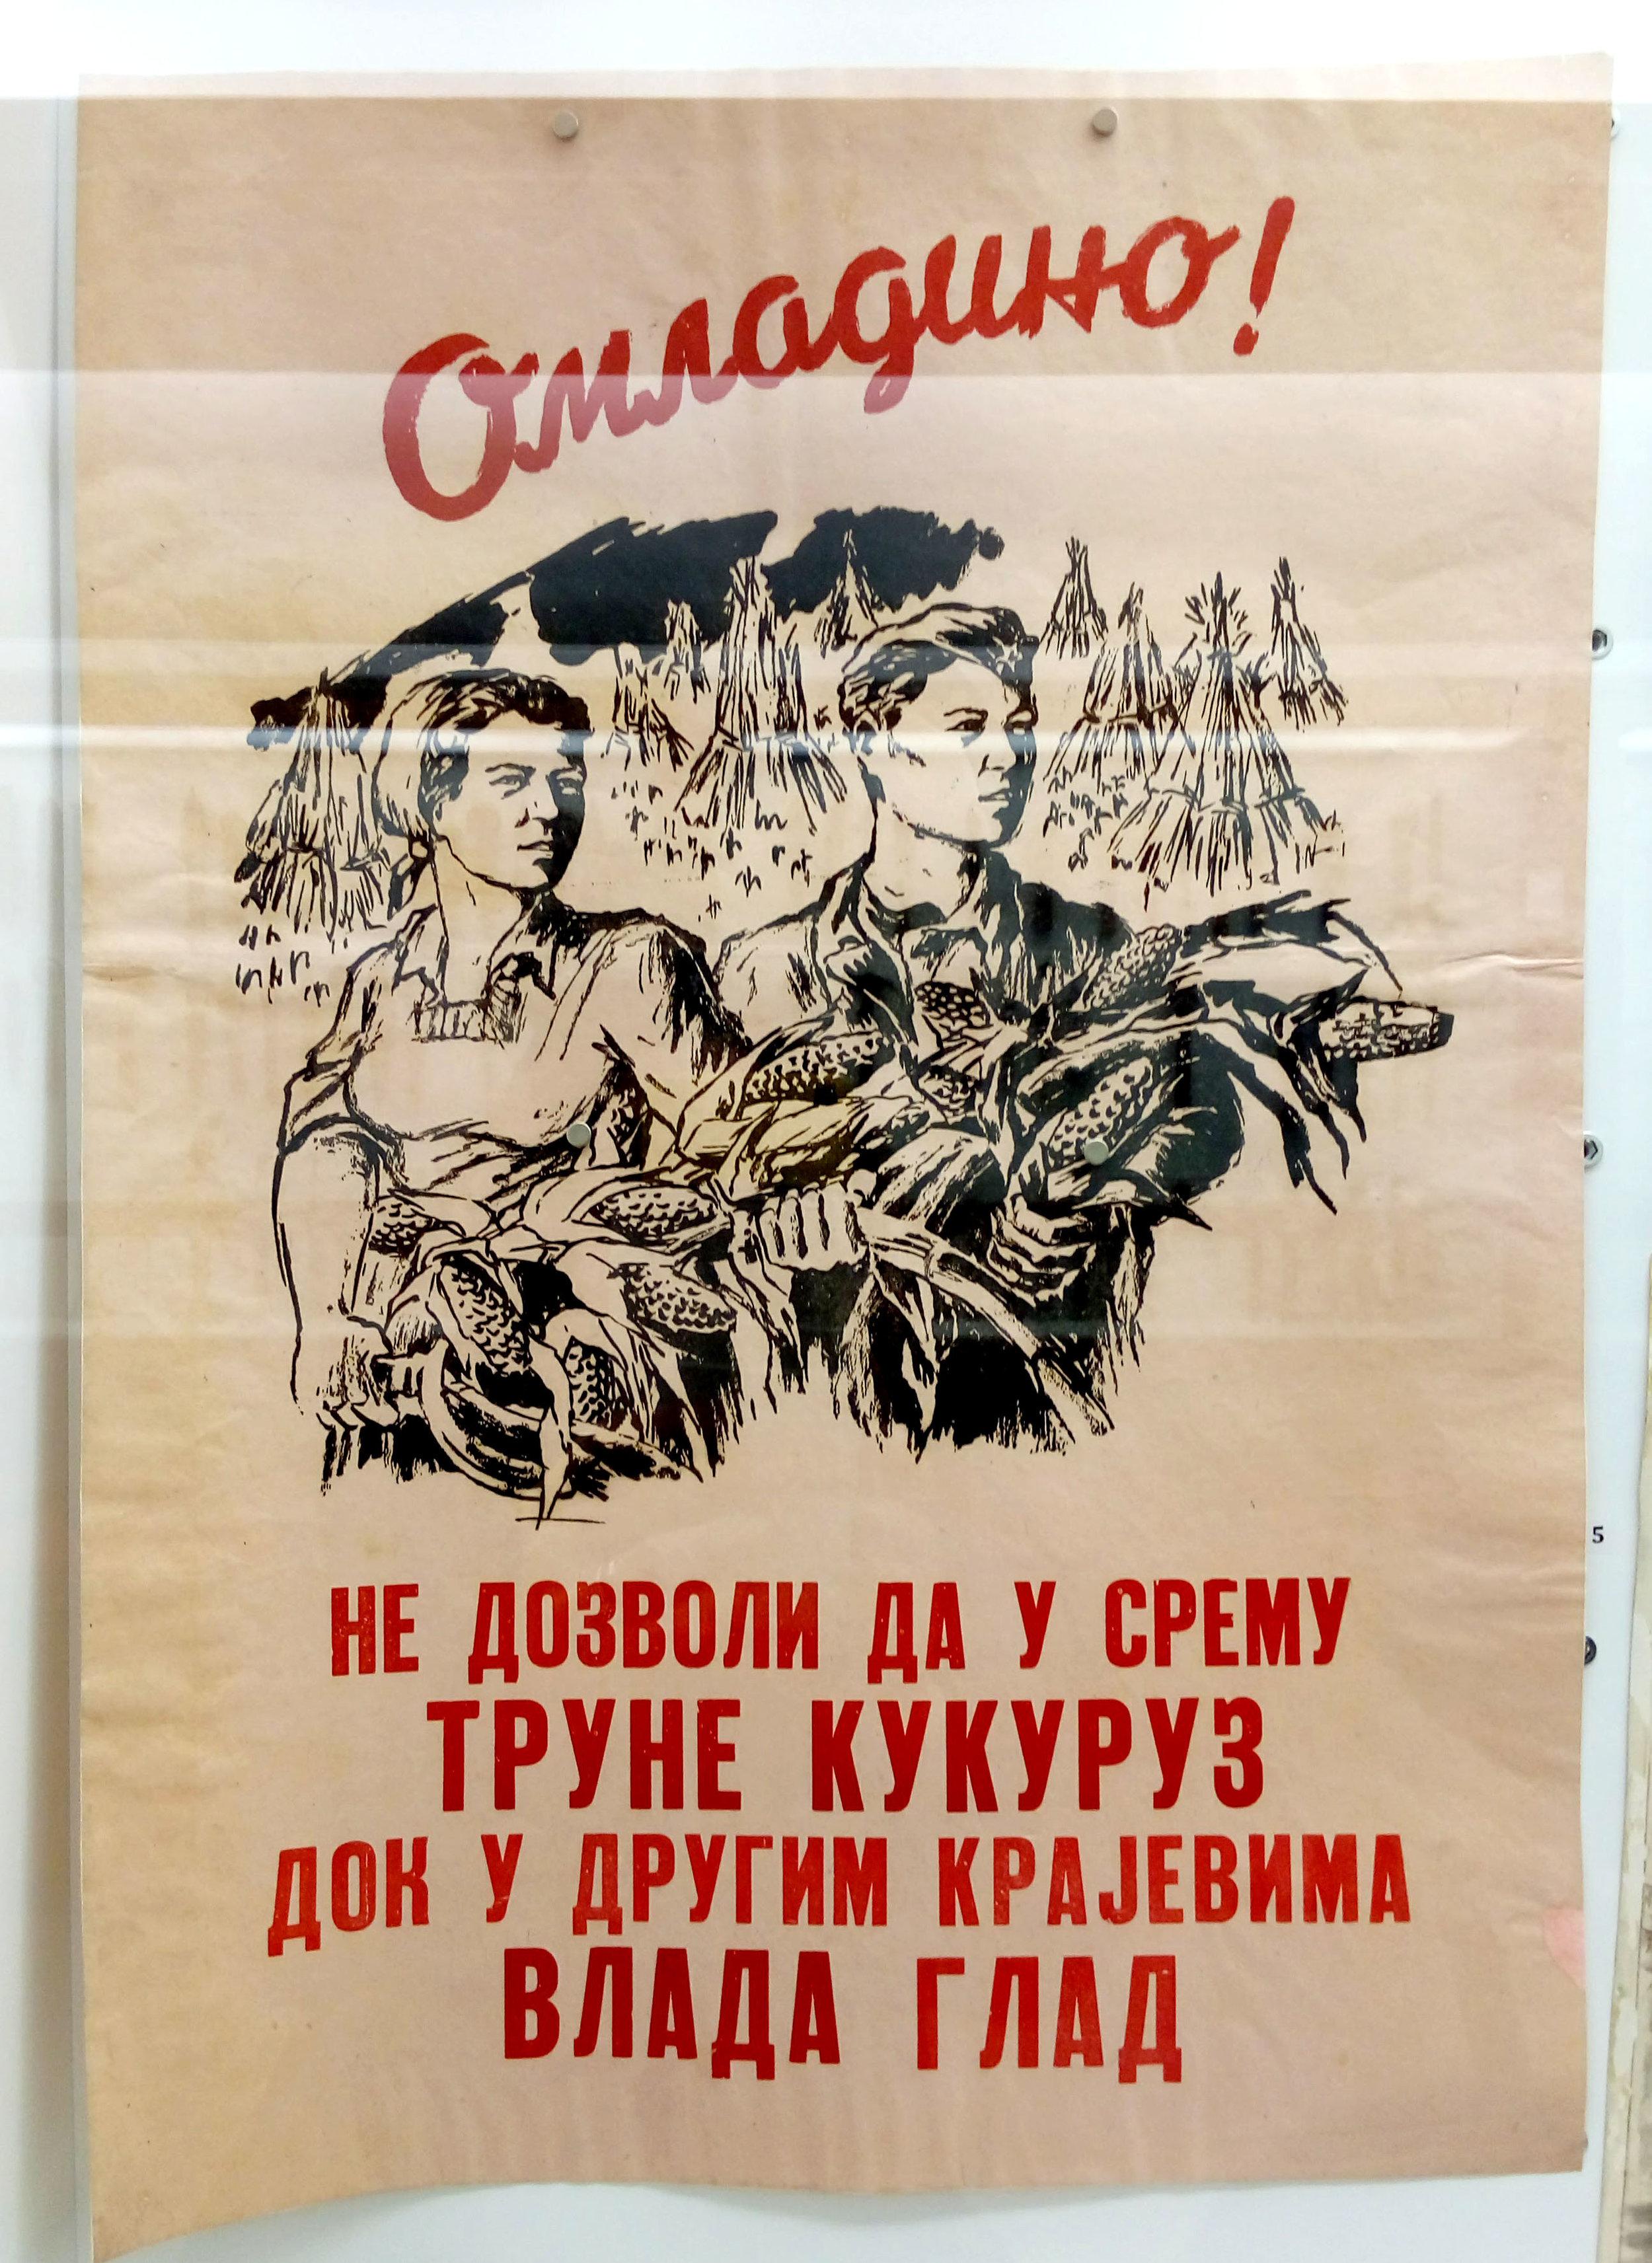 Poster 1 museum.jpg